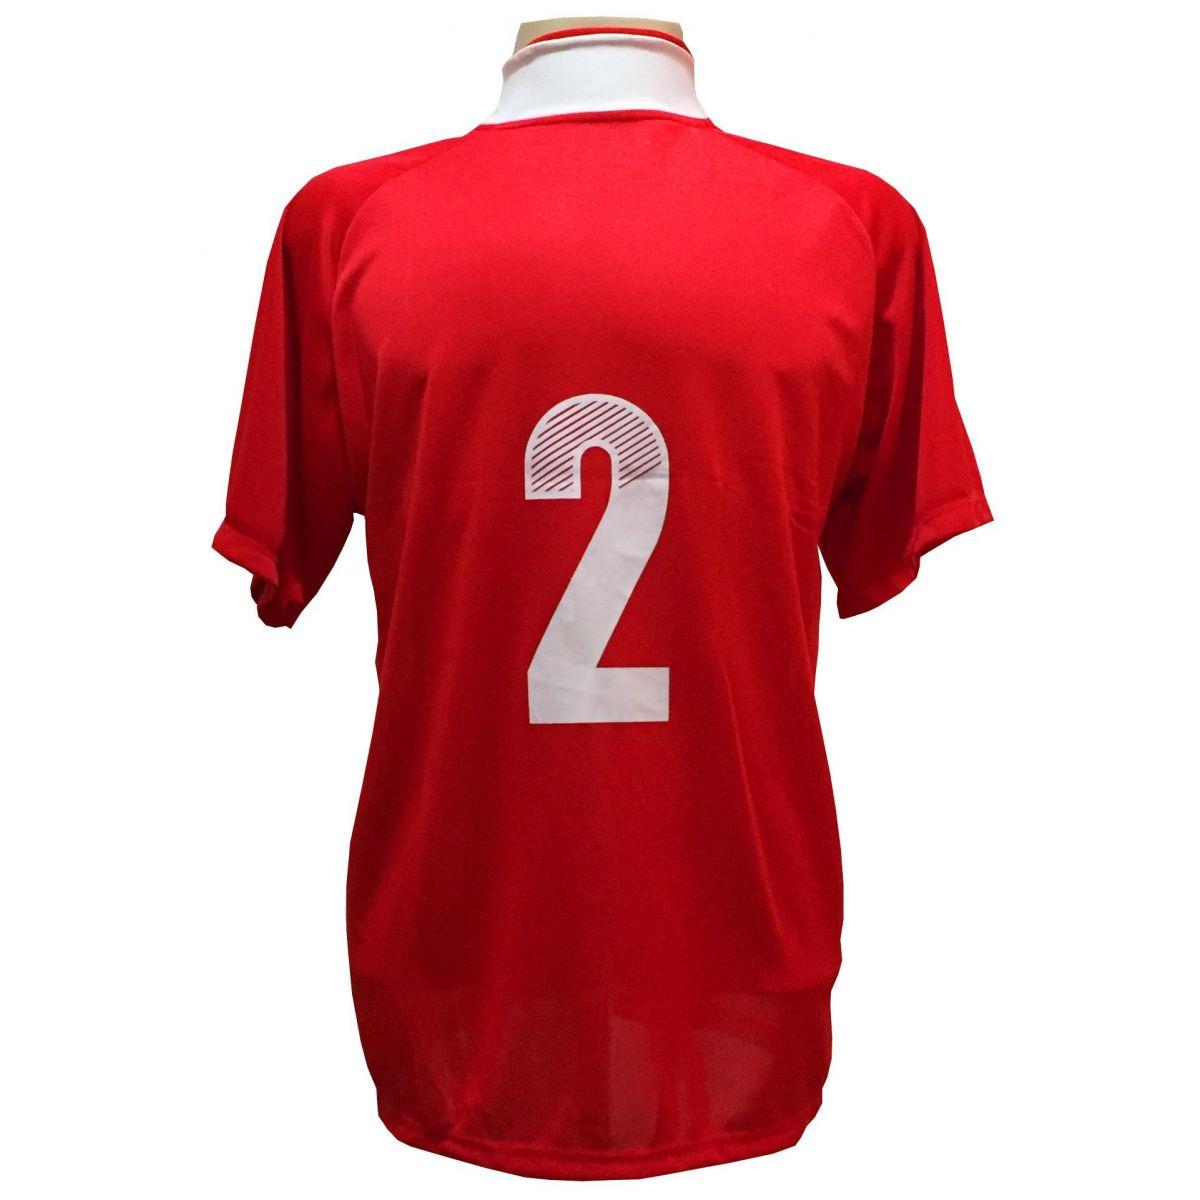 Uniforme Esportivo com 18 Camisas modelo Milan Vermelho/Branco + 18 Calções modelo Madrid Royal